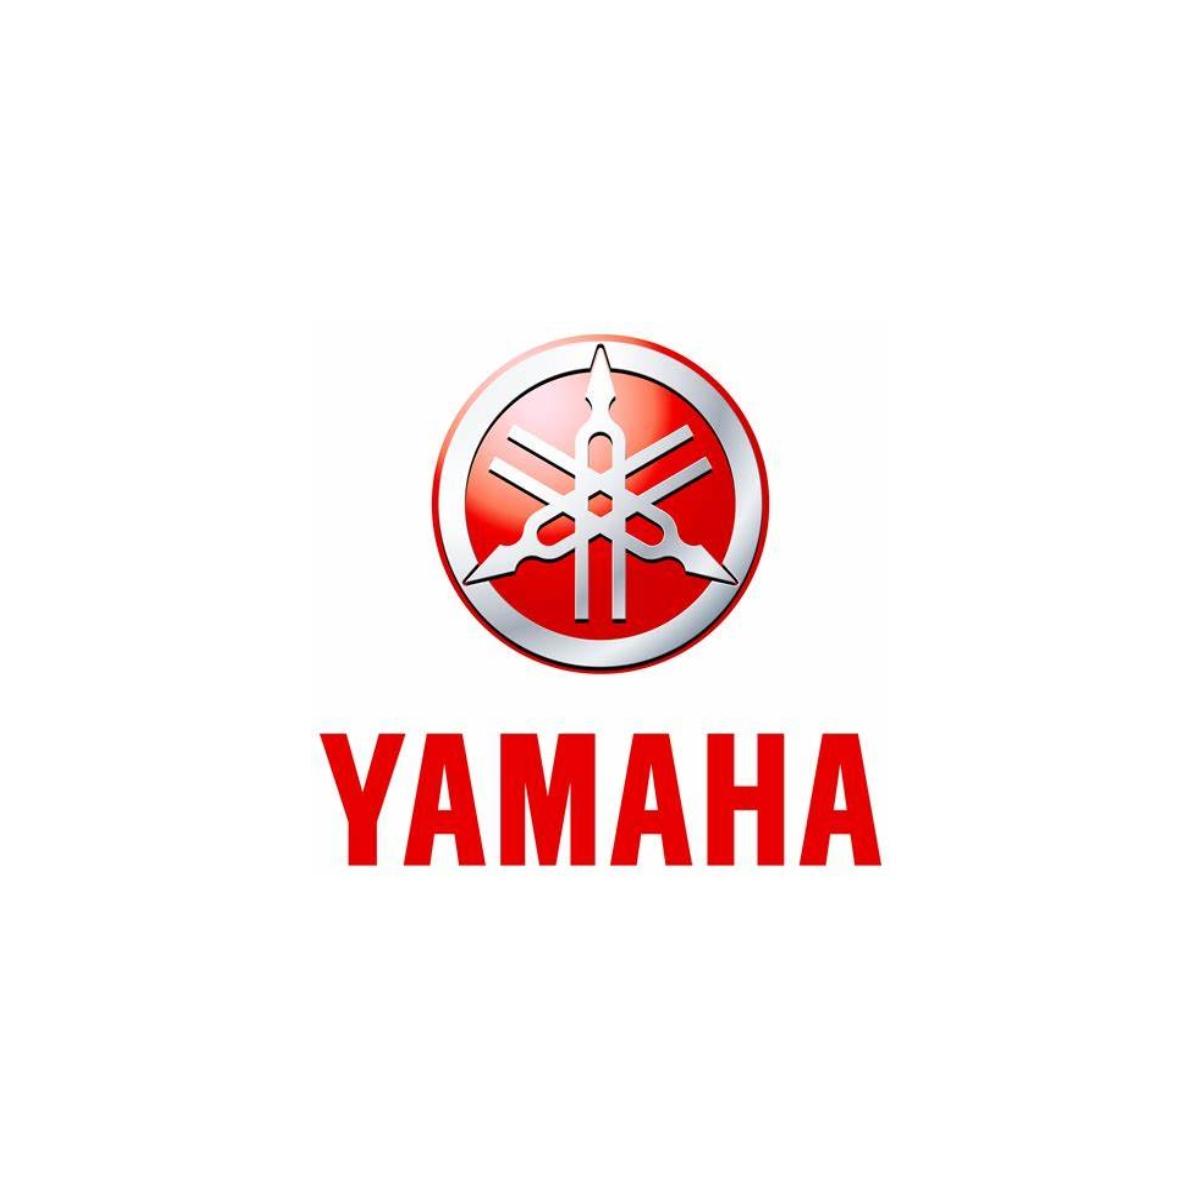 Casa de Rolamento Pequena Montada Jet Ski Yamaha Nacional  - Radical Peças - Peças para Jet Ski